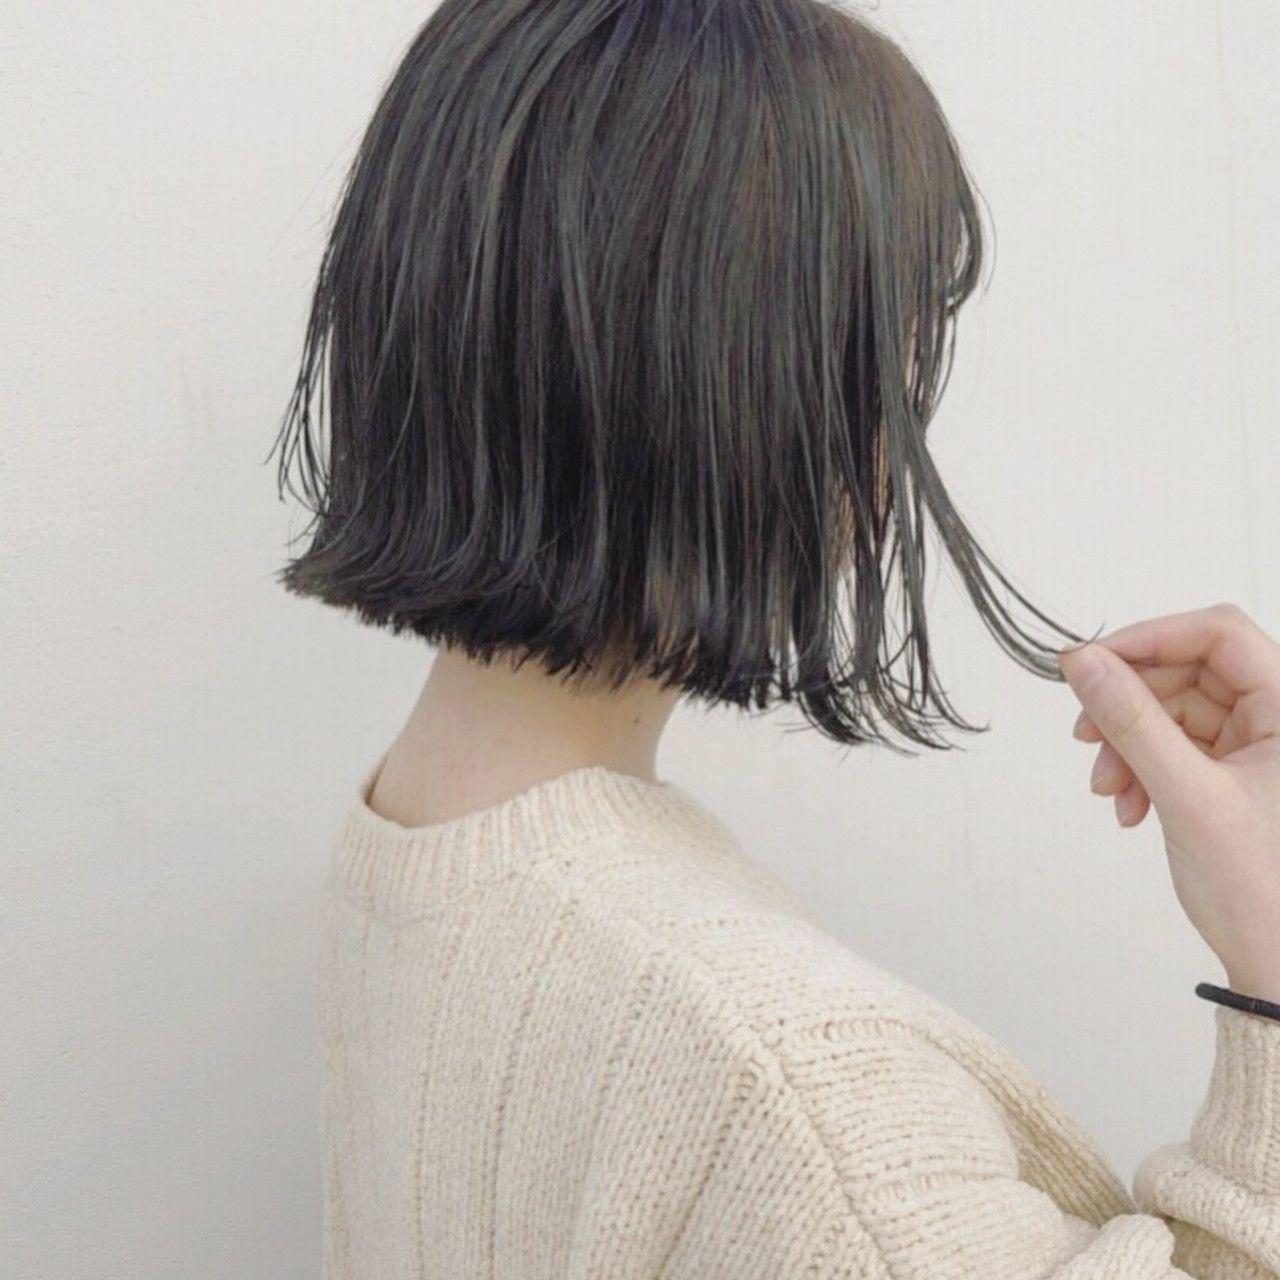 グレー系髪色に迷ってる女子注目 暗め 明るめまで旬のヘアカラー集 髪 色 グレー ヘアカラー ヘアカラー